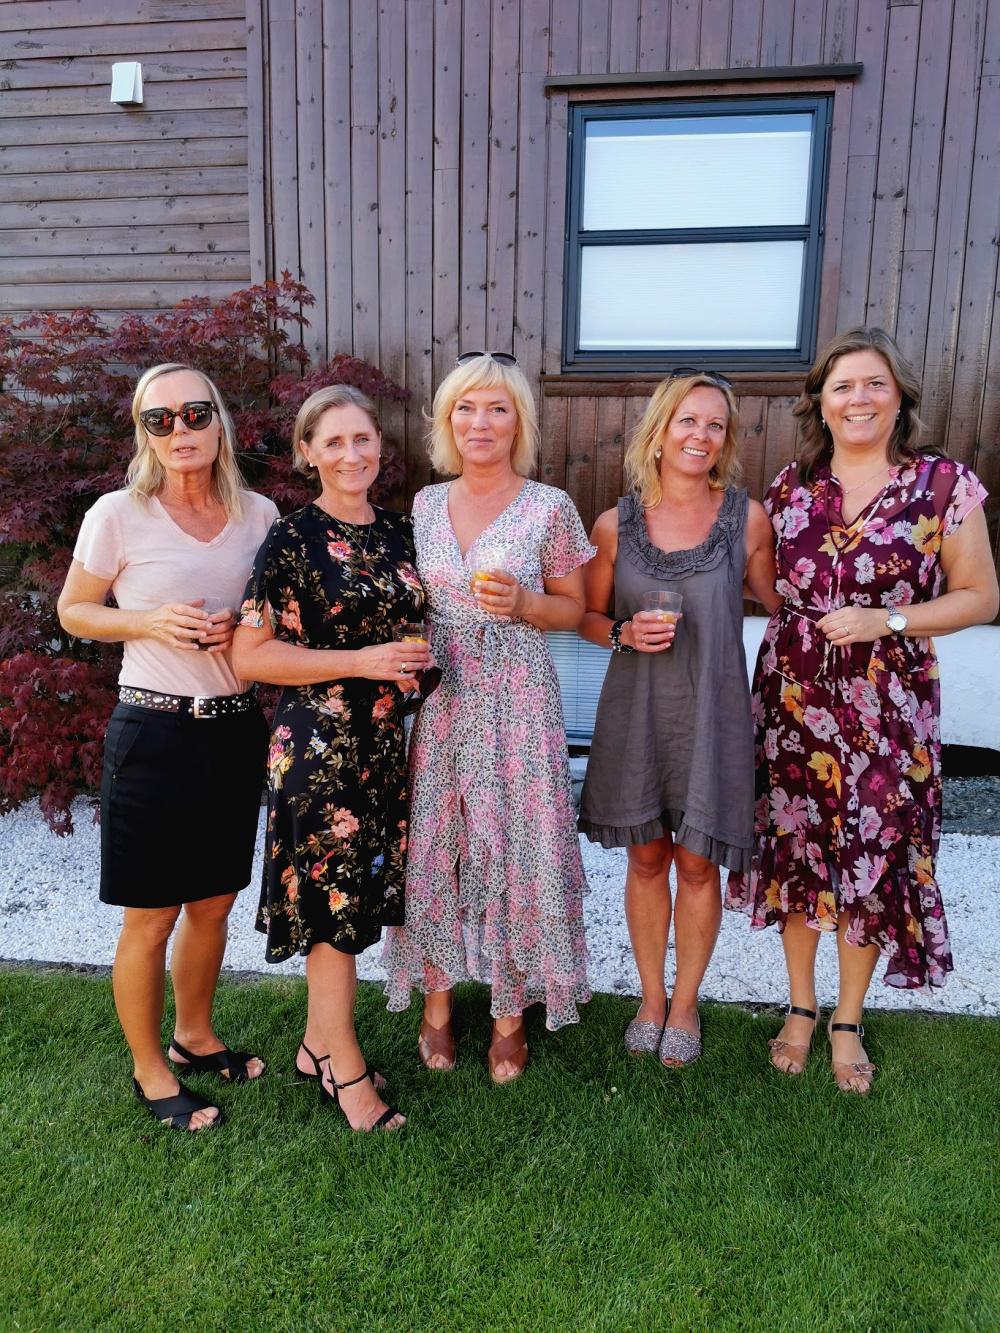 Merete, Anette, Nina, Liv Ingjerd og Bitten. Love!